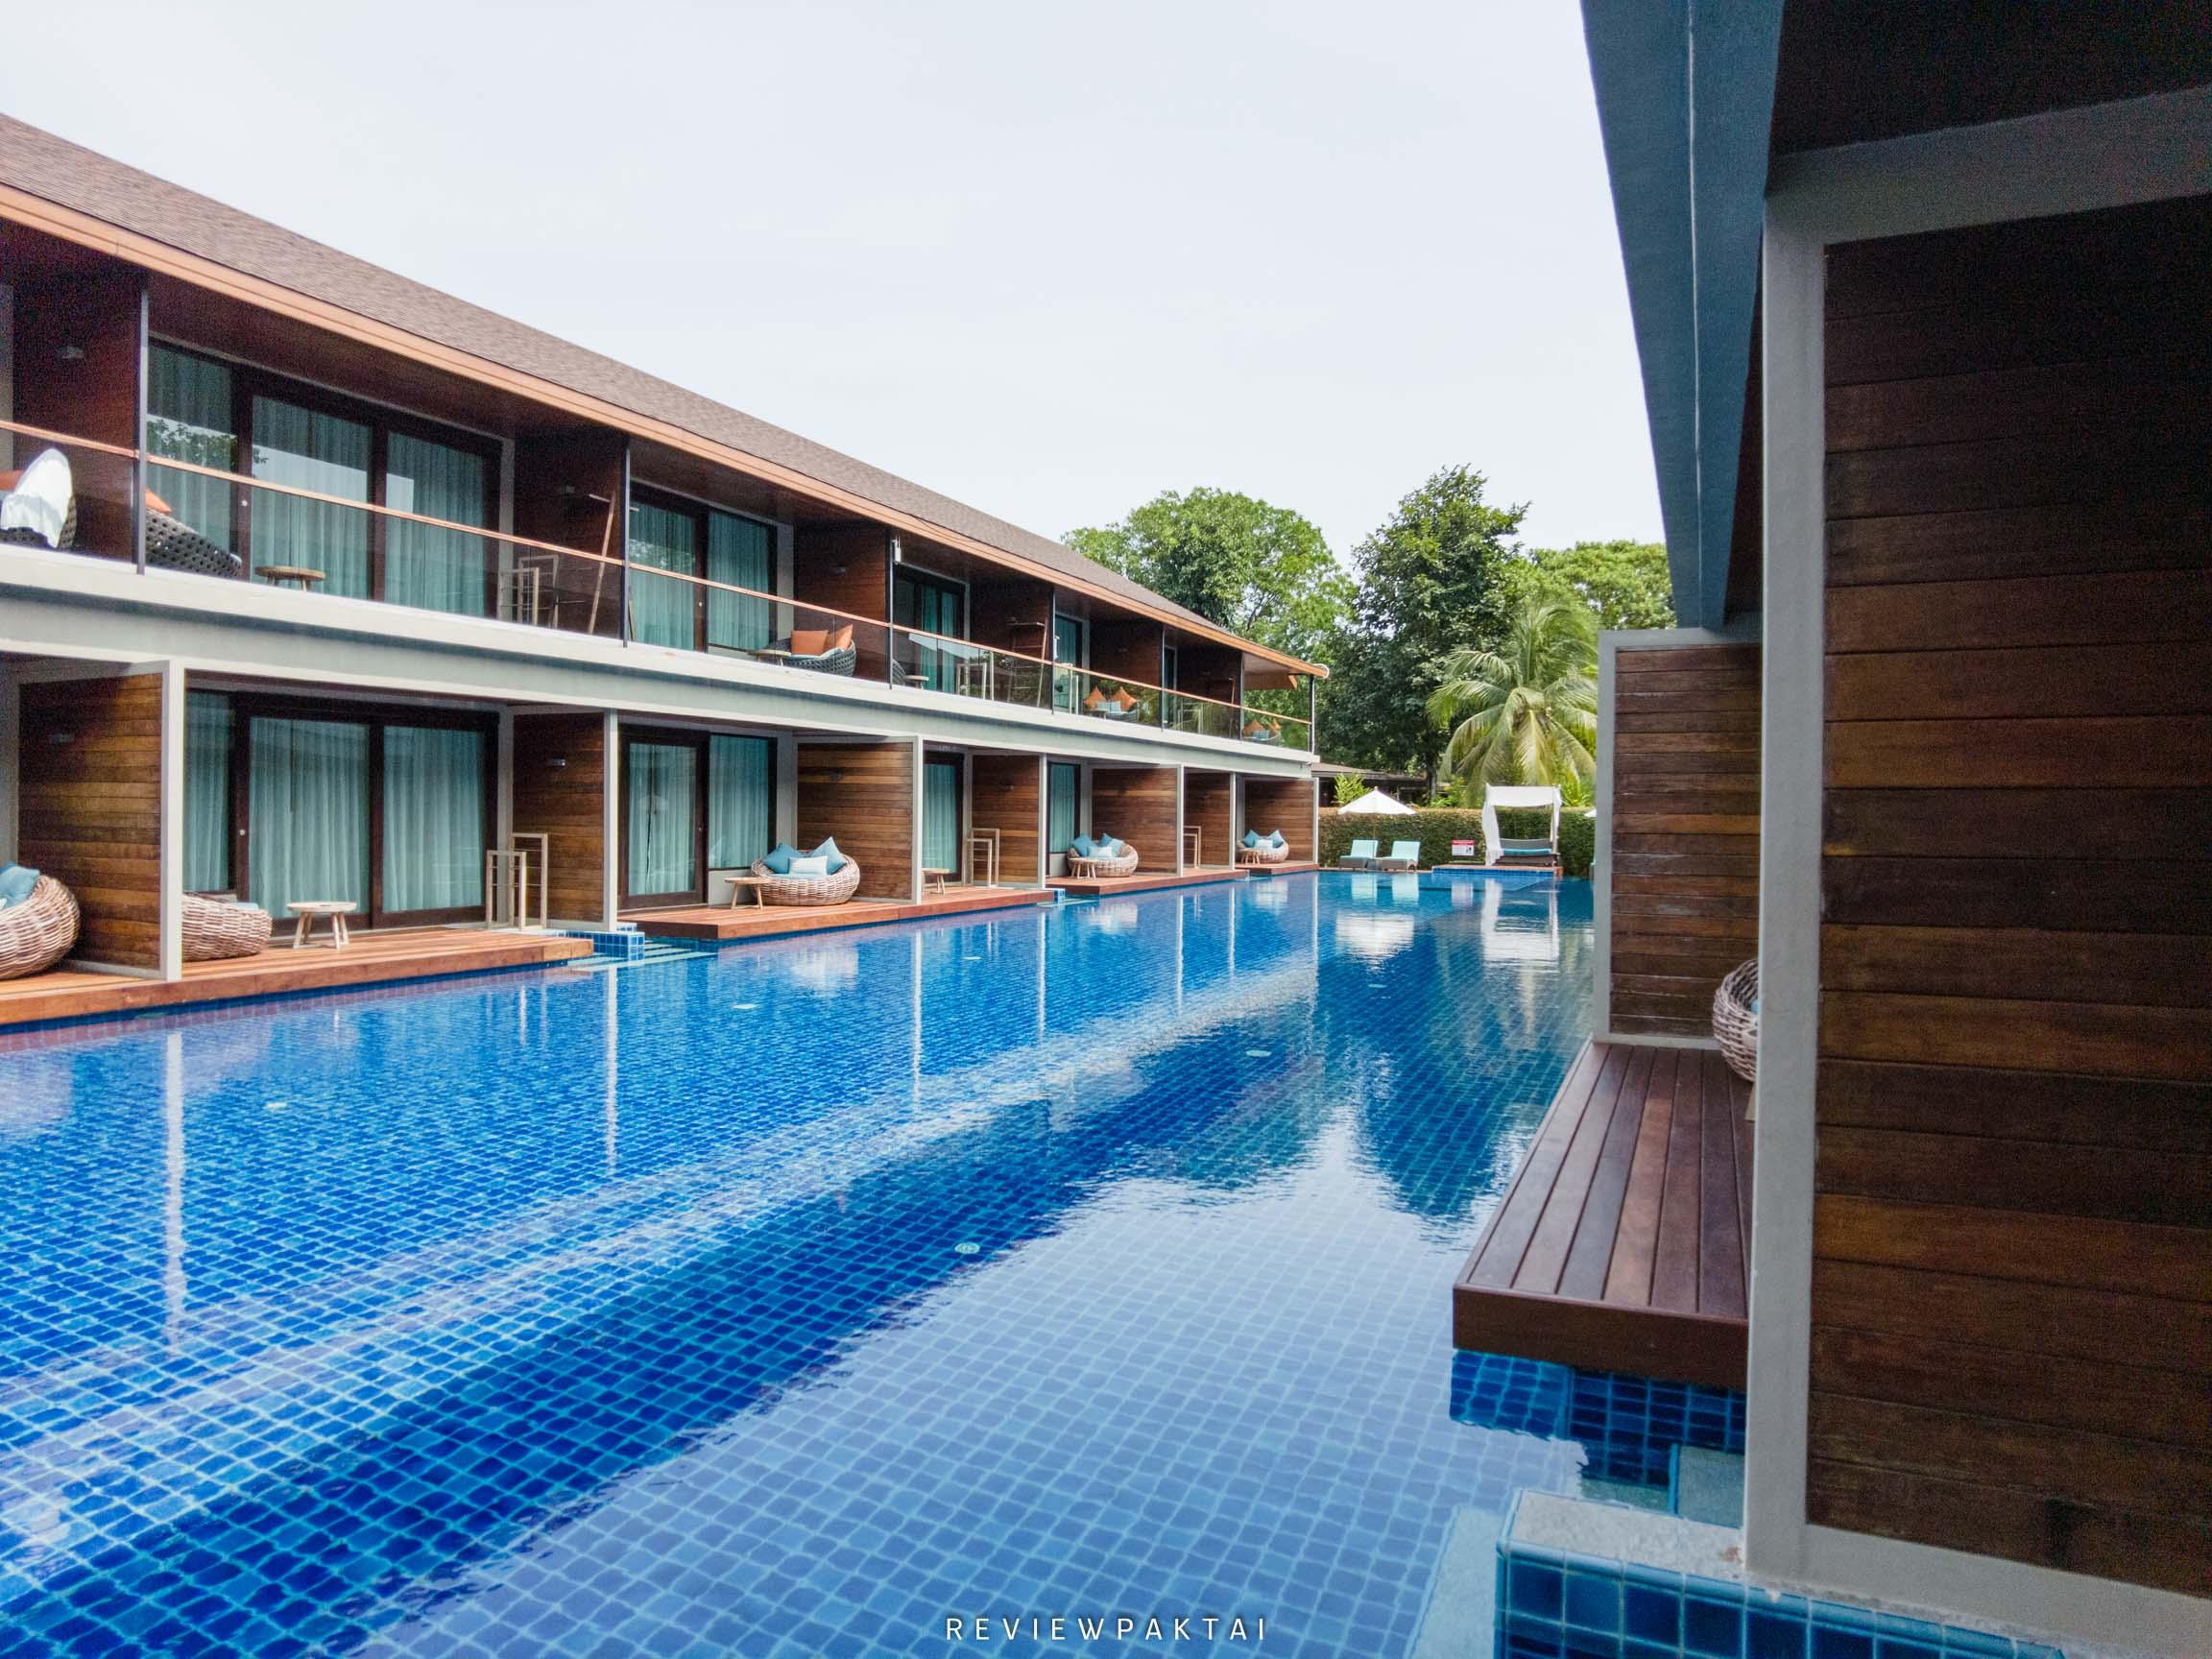 ไฮไลท์ทีเด็ดคือห้อง-Pool-Access-ปังๆที่เดินออกมาก็พบสระว่ายน้ำเลย akira,lipe,สตูล,เกาะหลีเป๊ะ,ที่พักหลีเป๊ะ,ที่พักสตูล